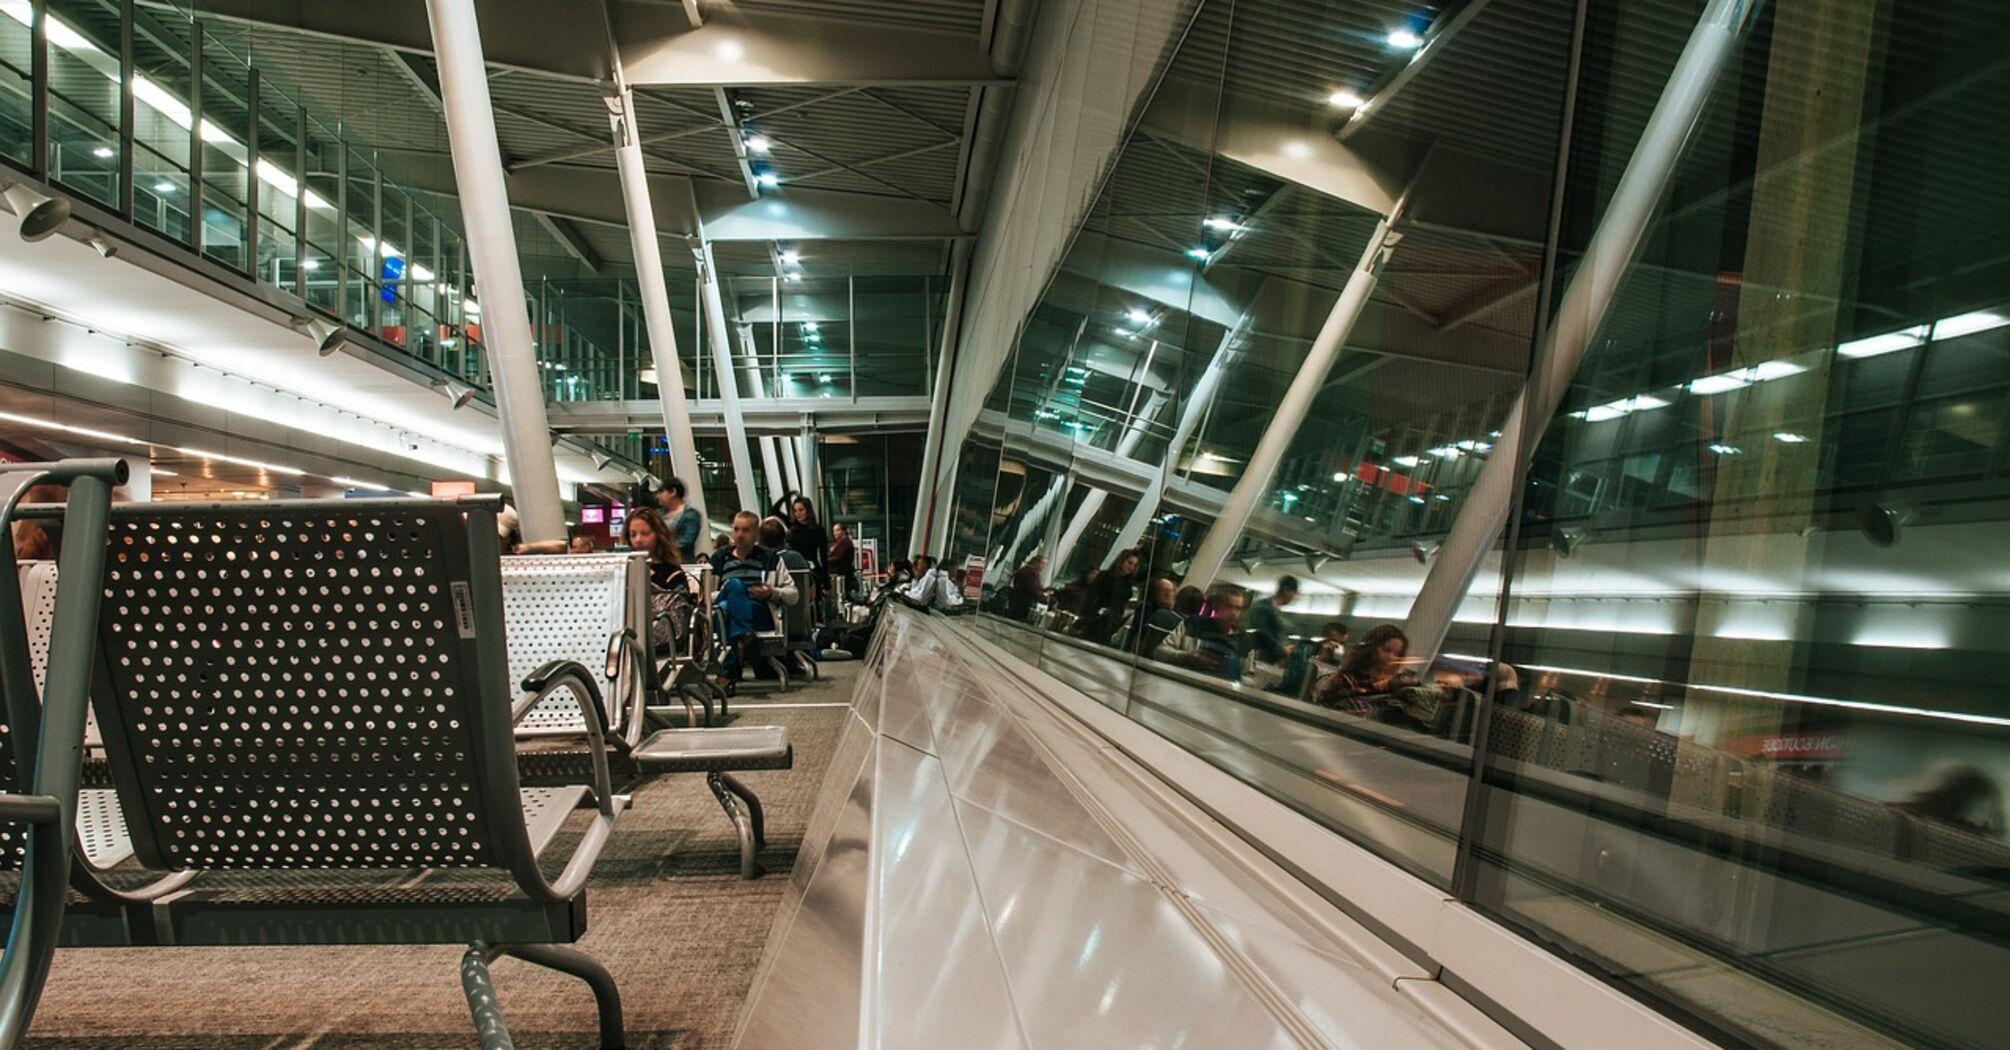 Польша открыла границы после карантина: кому разрешили въезд